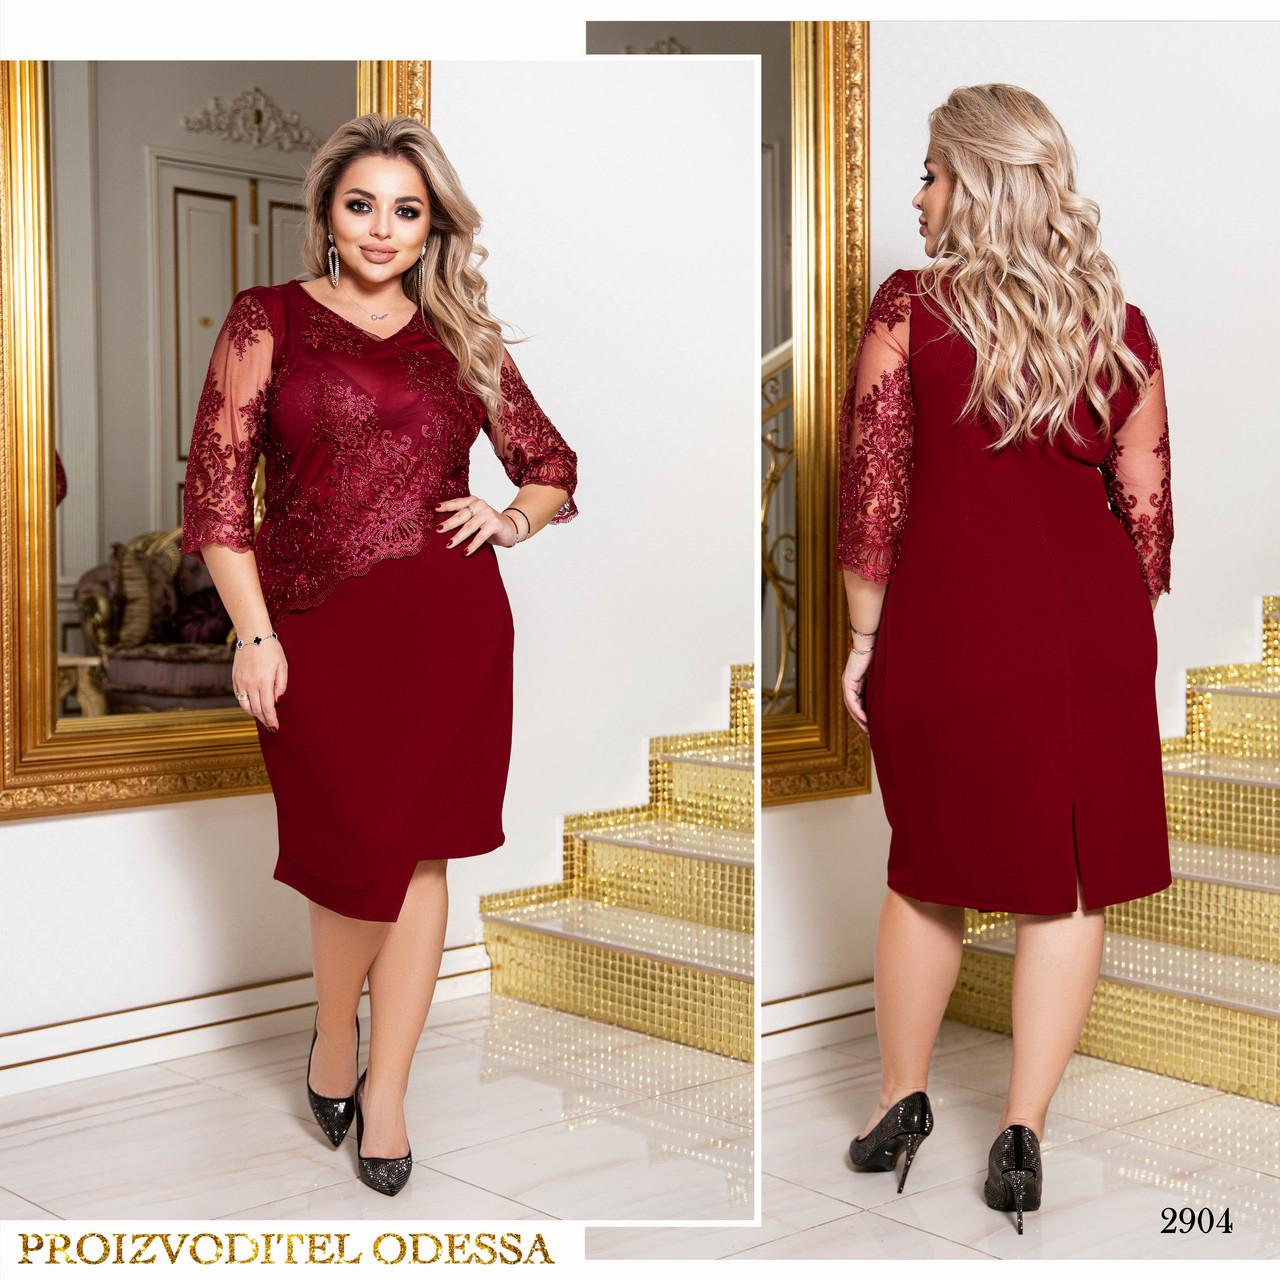 Платье вечернее облегающее рукав 3/4 креп дайвинг+сетка с вышивкой 50,52,54,56